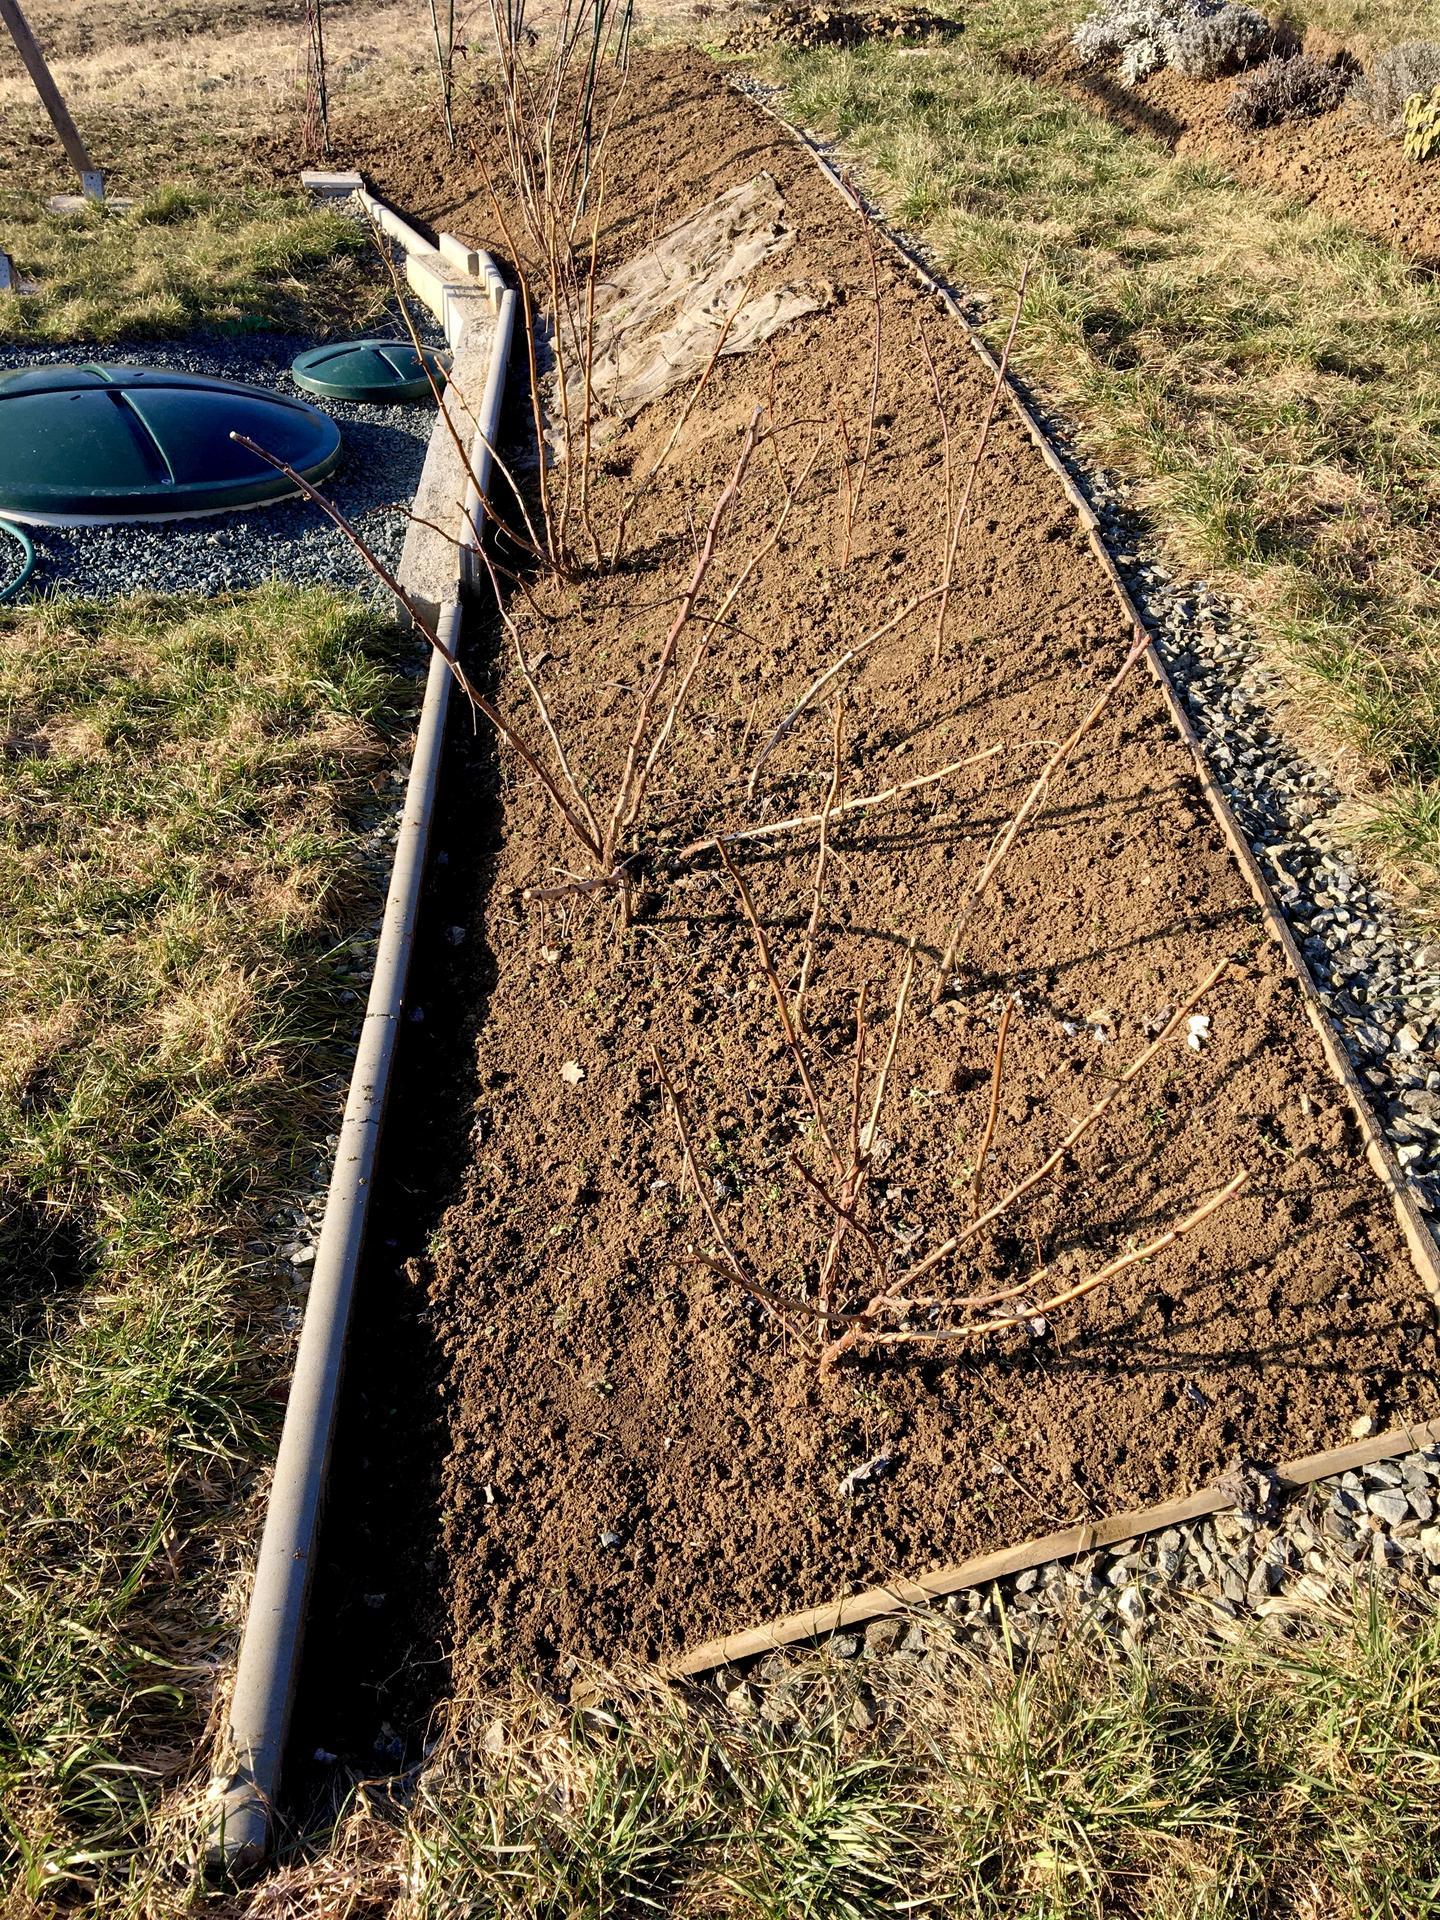 Skřítčí zahrada 2021 - Březen 2021 - letos bych chtěla maliníky a ostružiníky podsadit měsíčními jahodami a denivkami, možná přidám i řebříčky